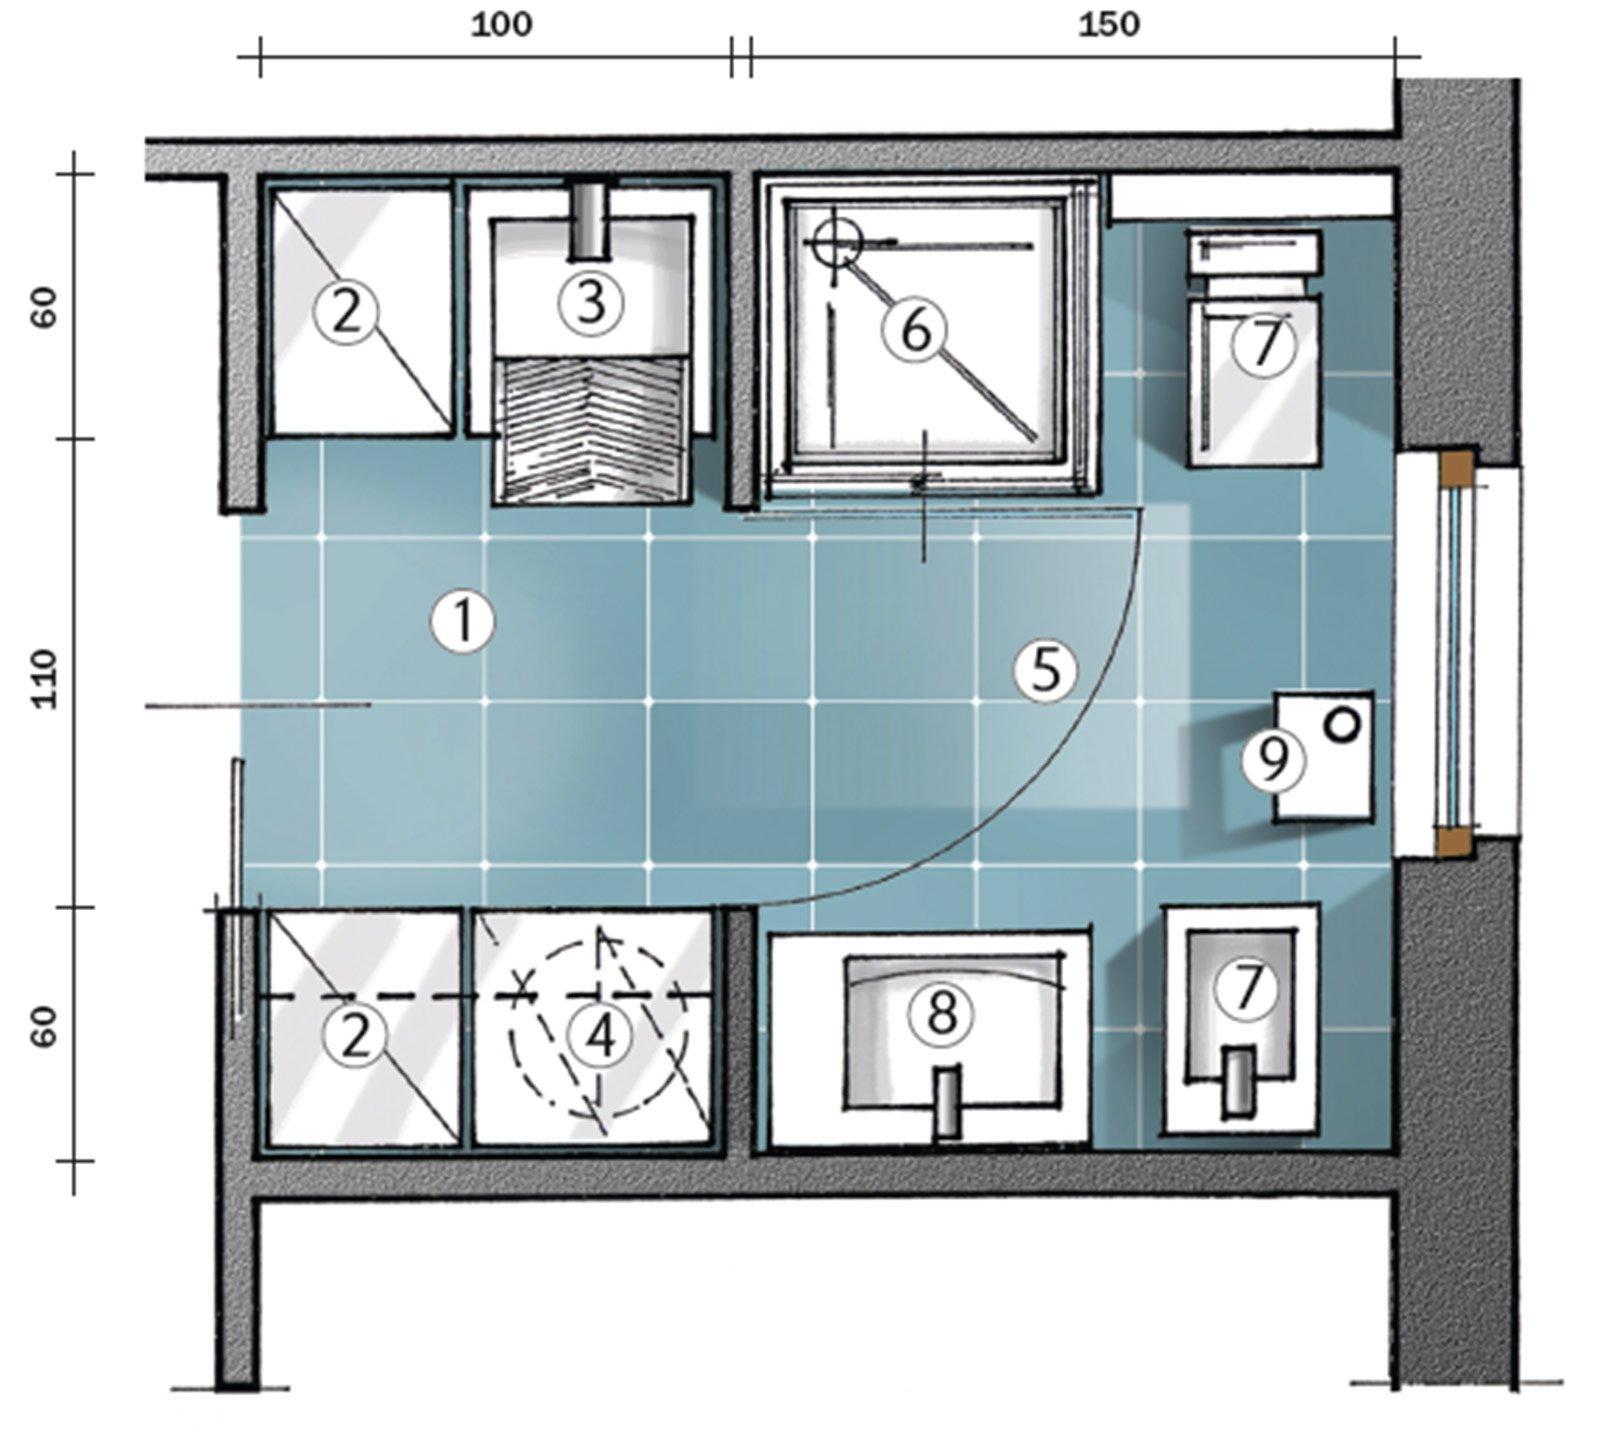 L 39 antibagno che fa da lavanderia cose di casa for 2 br 2 piani casa bagno